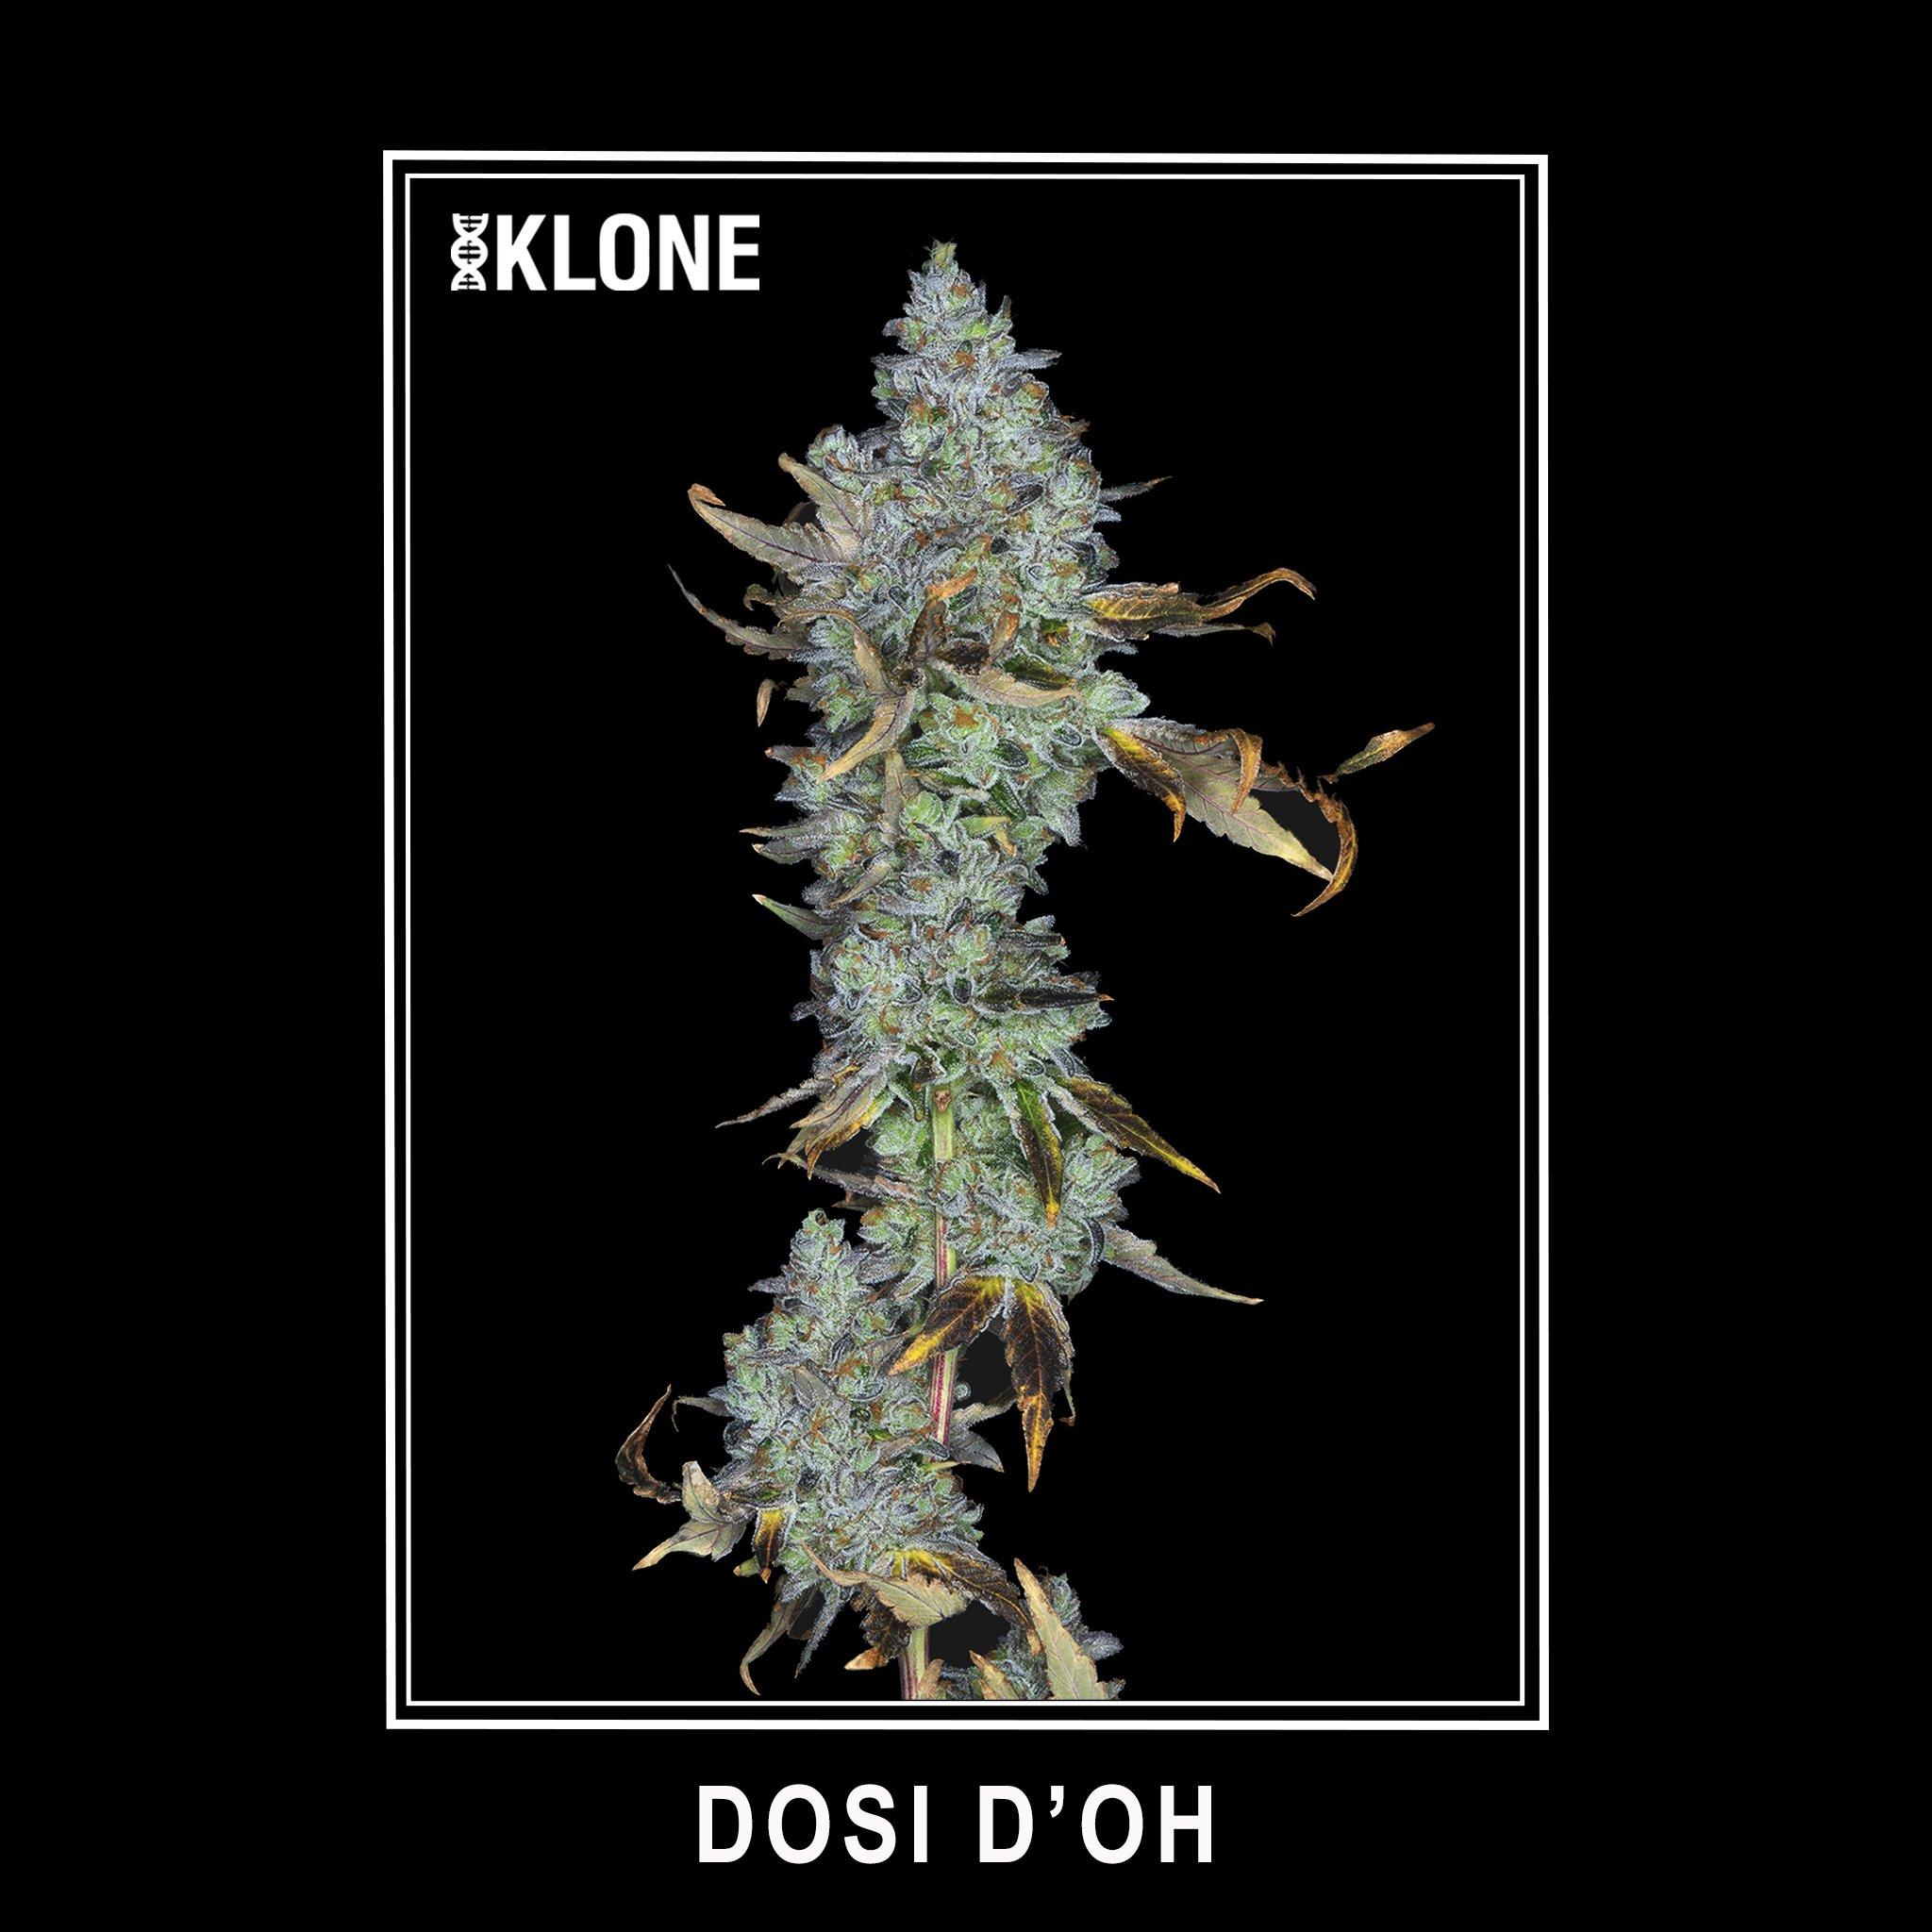 Dosi Do'h